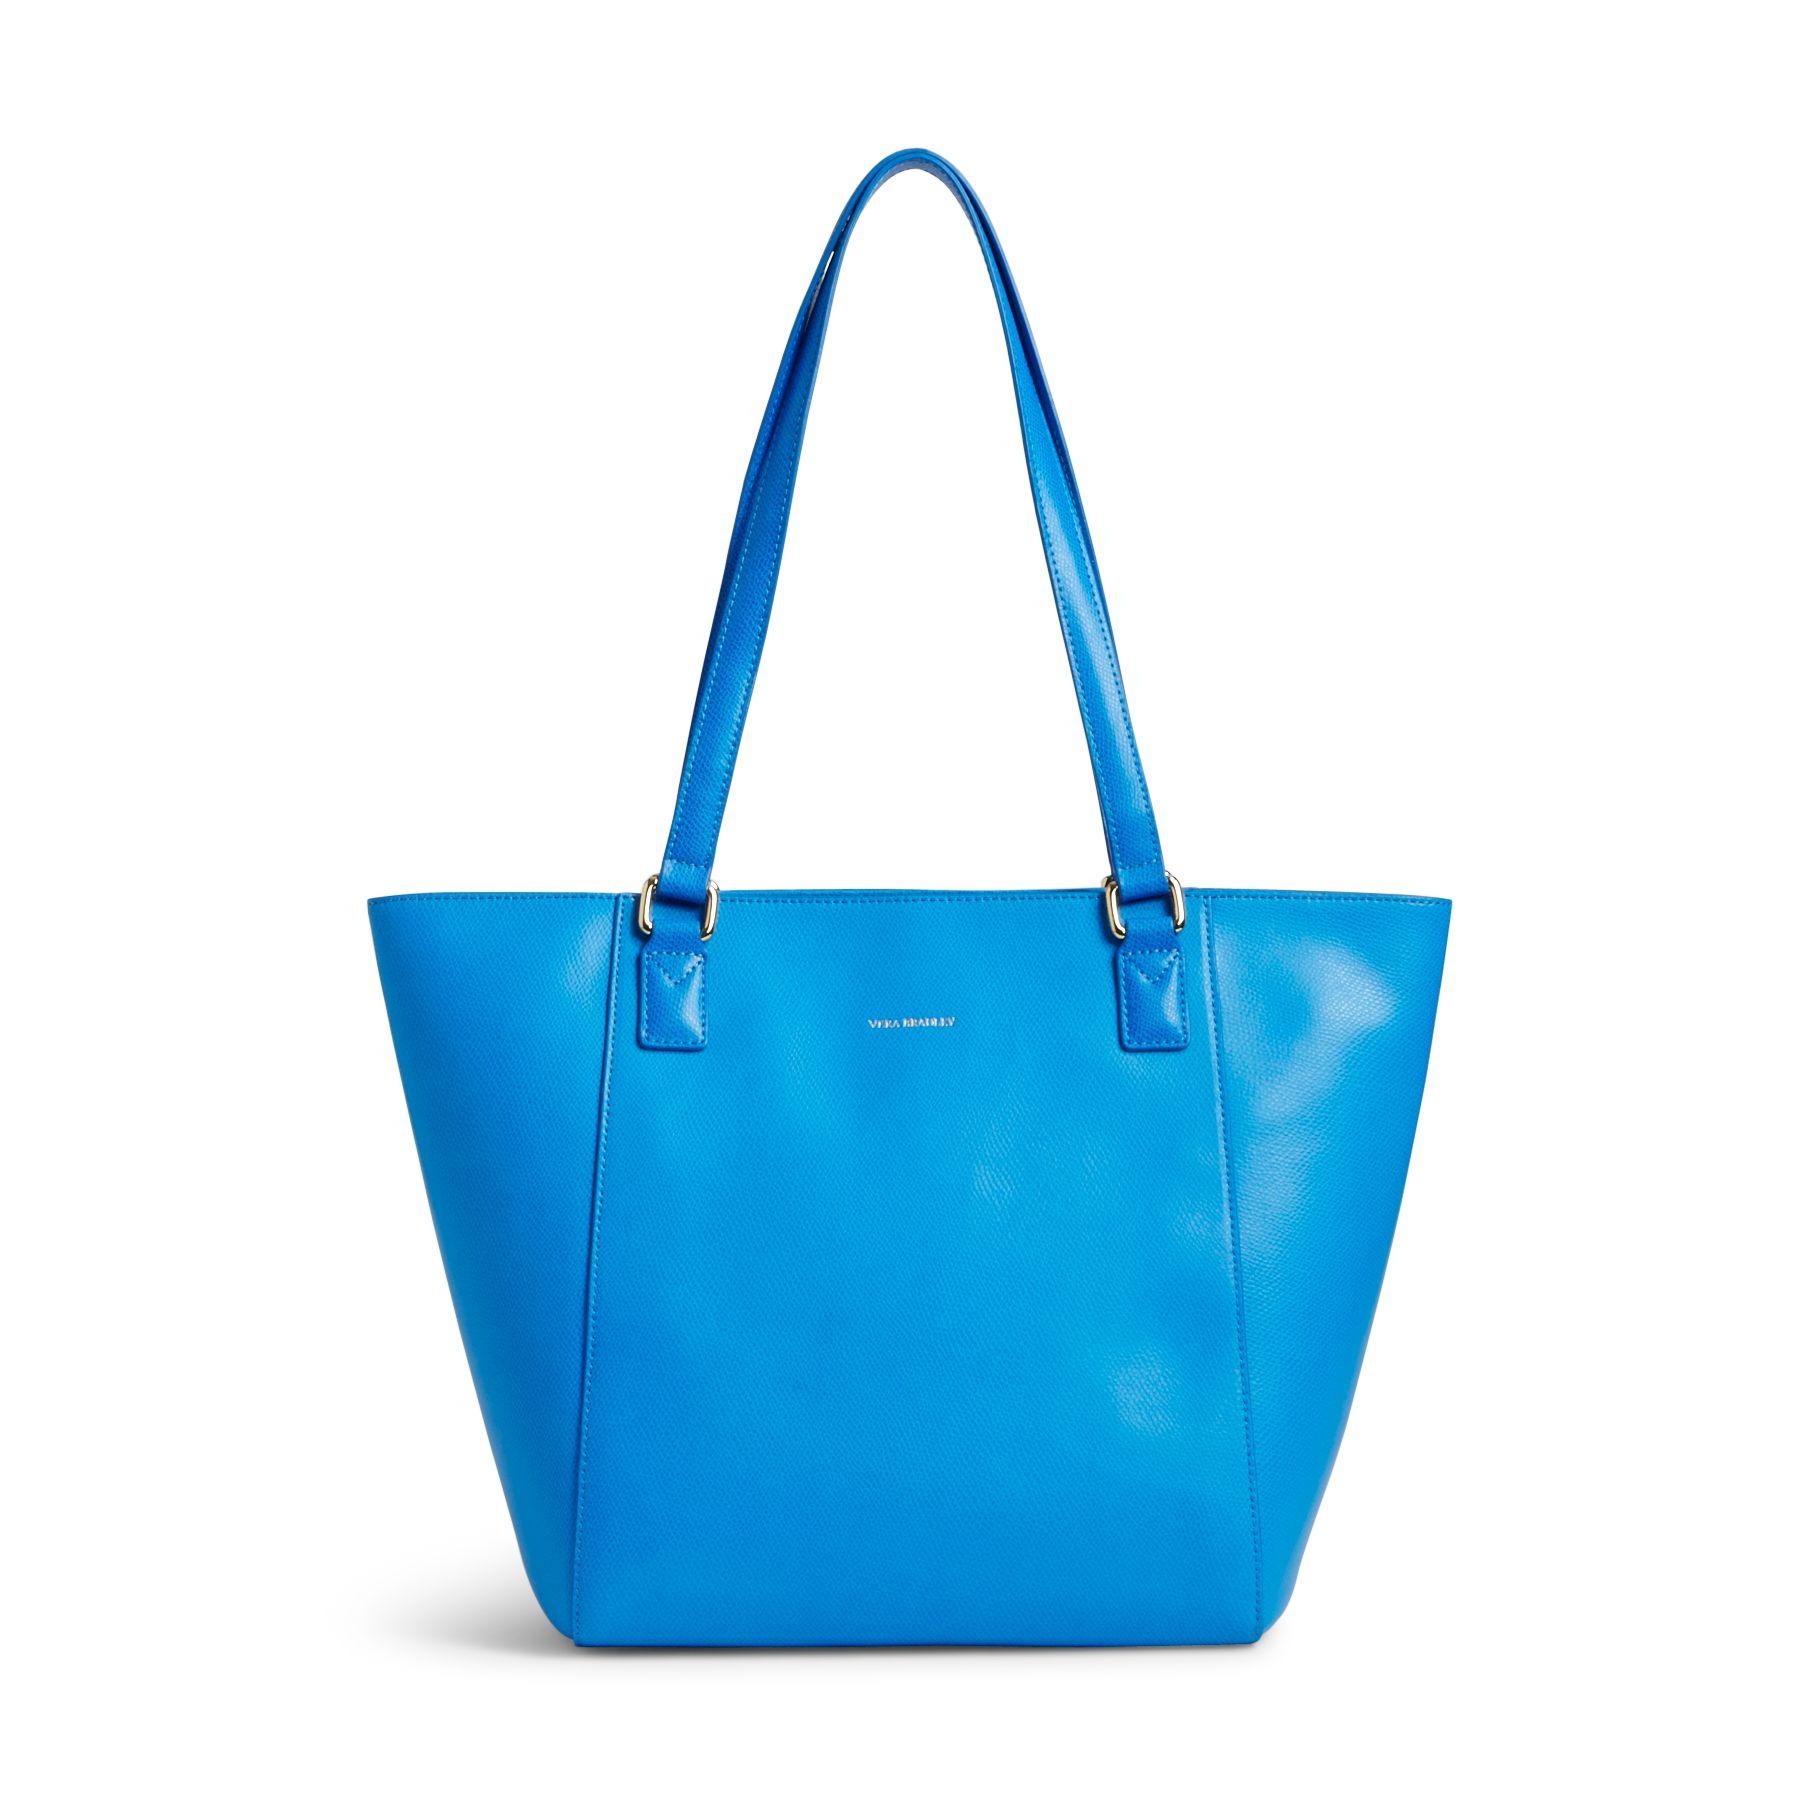 Vera Bradley Leather Small Ella Tote Bag Ebay